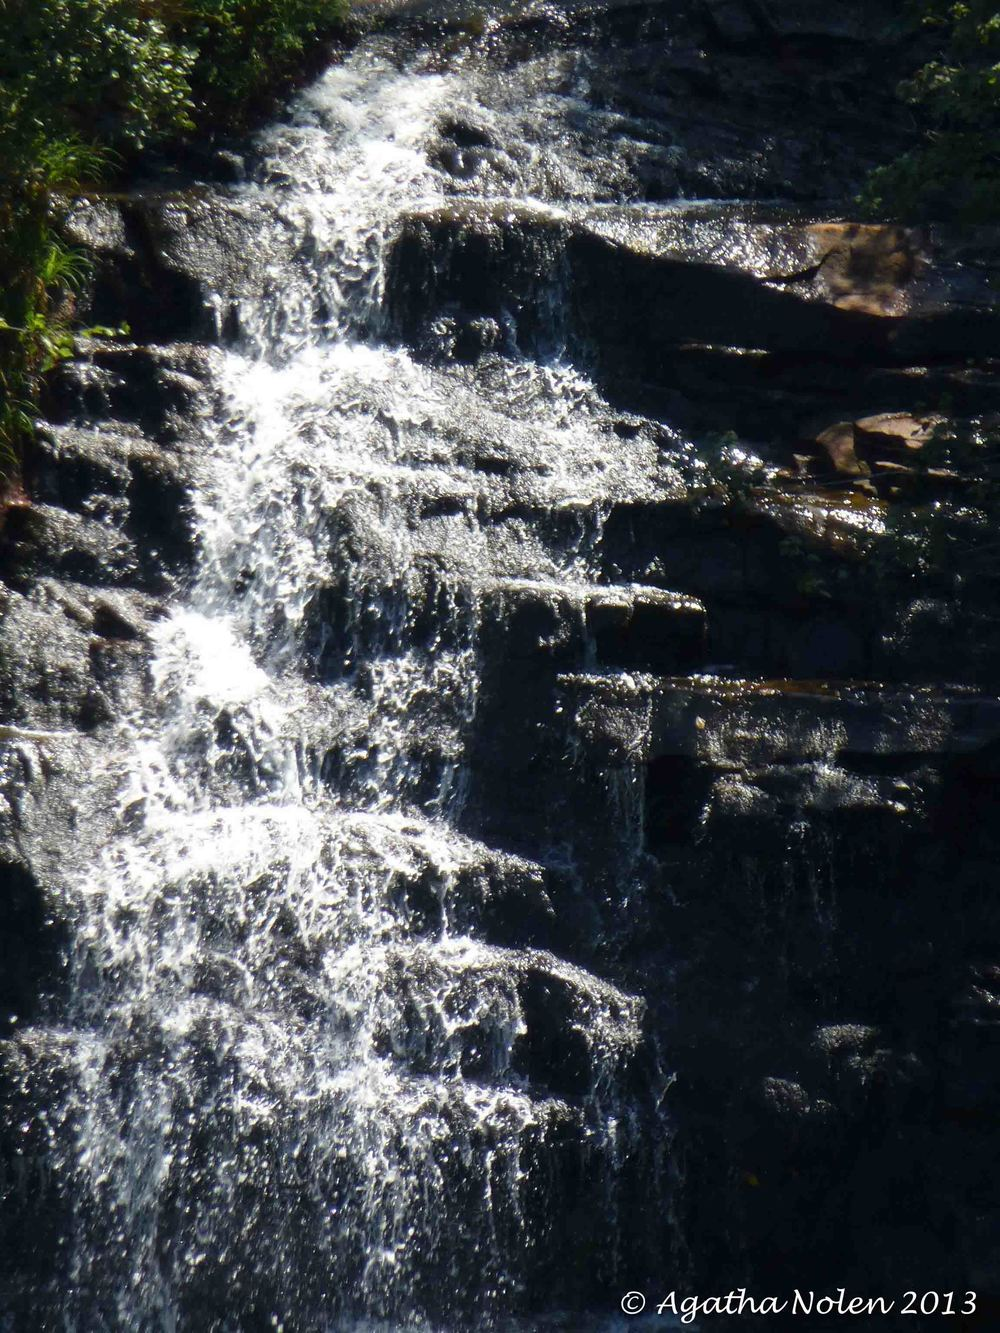 Falls Creek Falls State Park, 2013